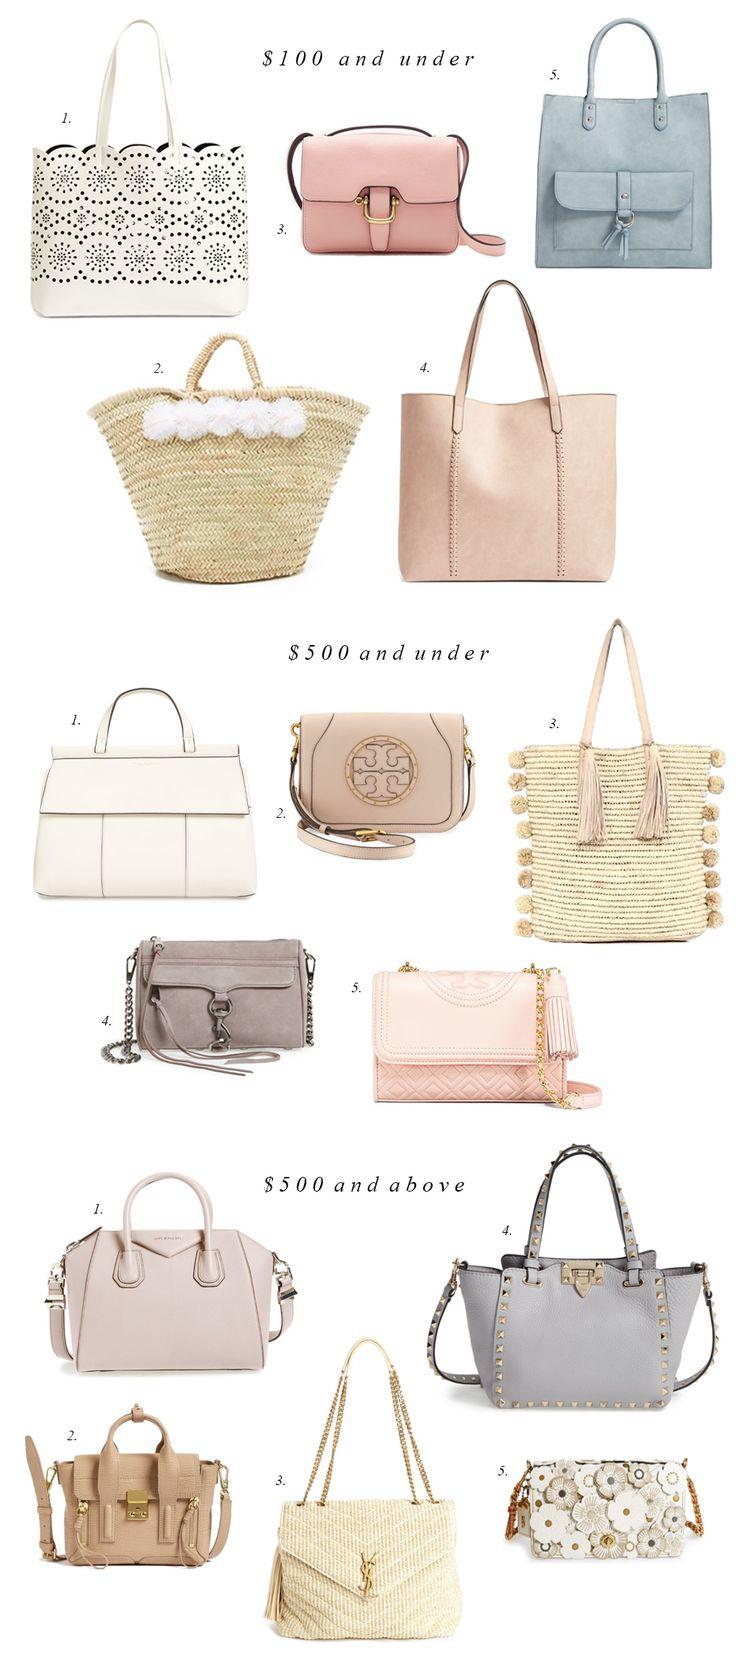 366 Best Handbags Images On Pinterest Couture Bags Basket Bag And Nucelle Women Leather Purse Satchel Shoulder Handbag Lock Gorgeous Glitter Elegant Blue Spring